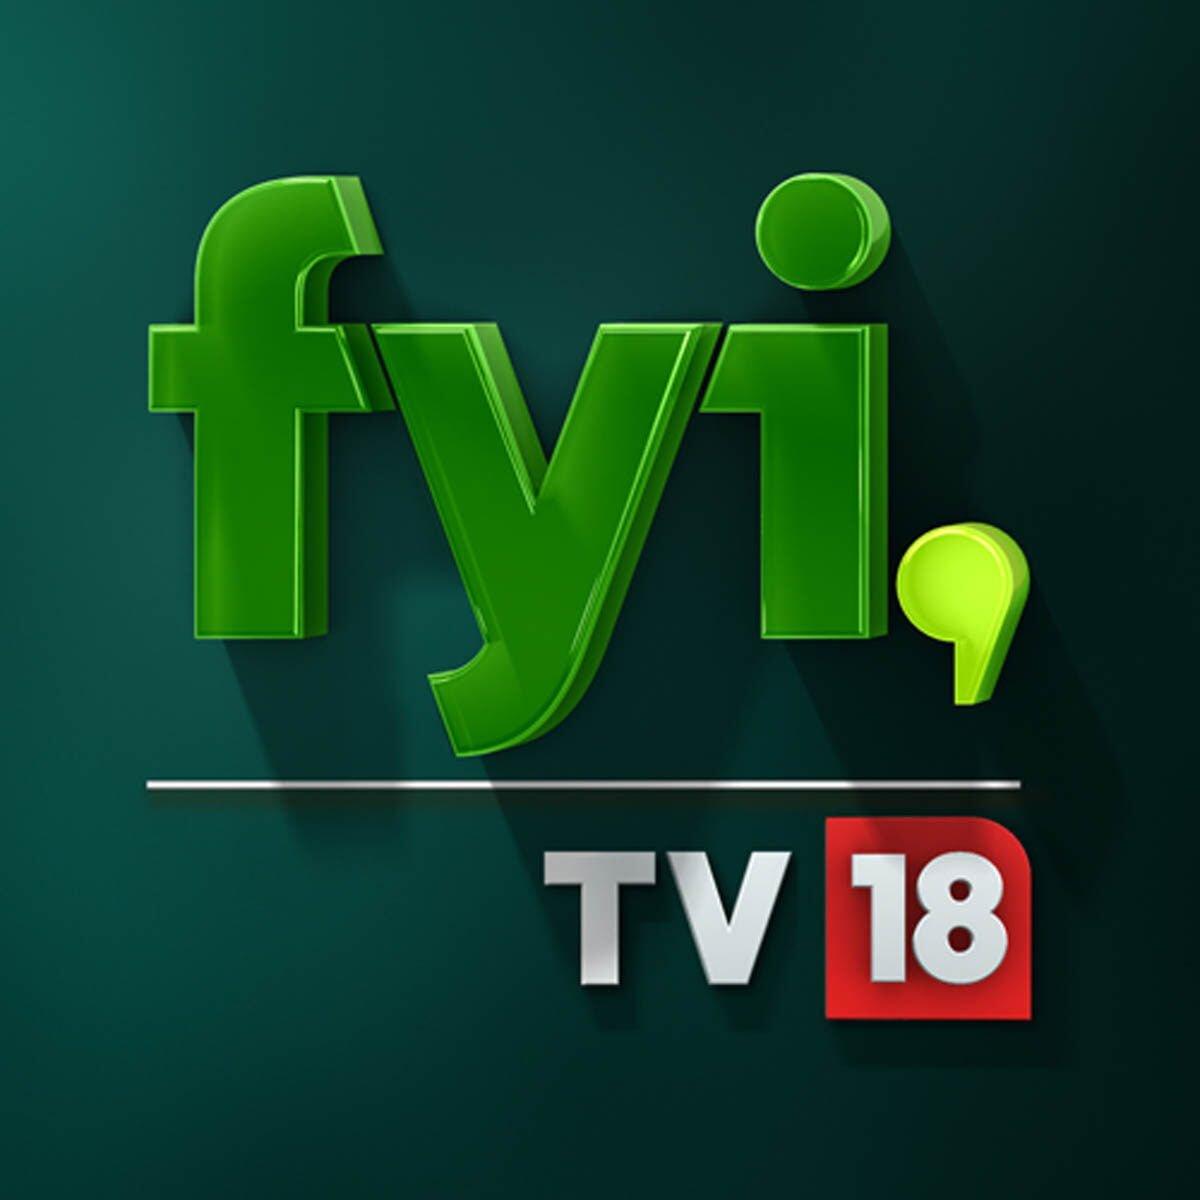 FYI TV18 e1591305530585